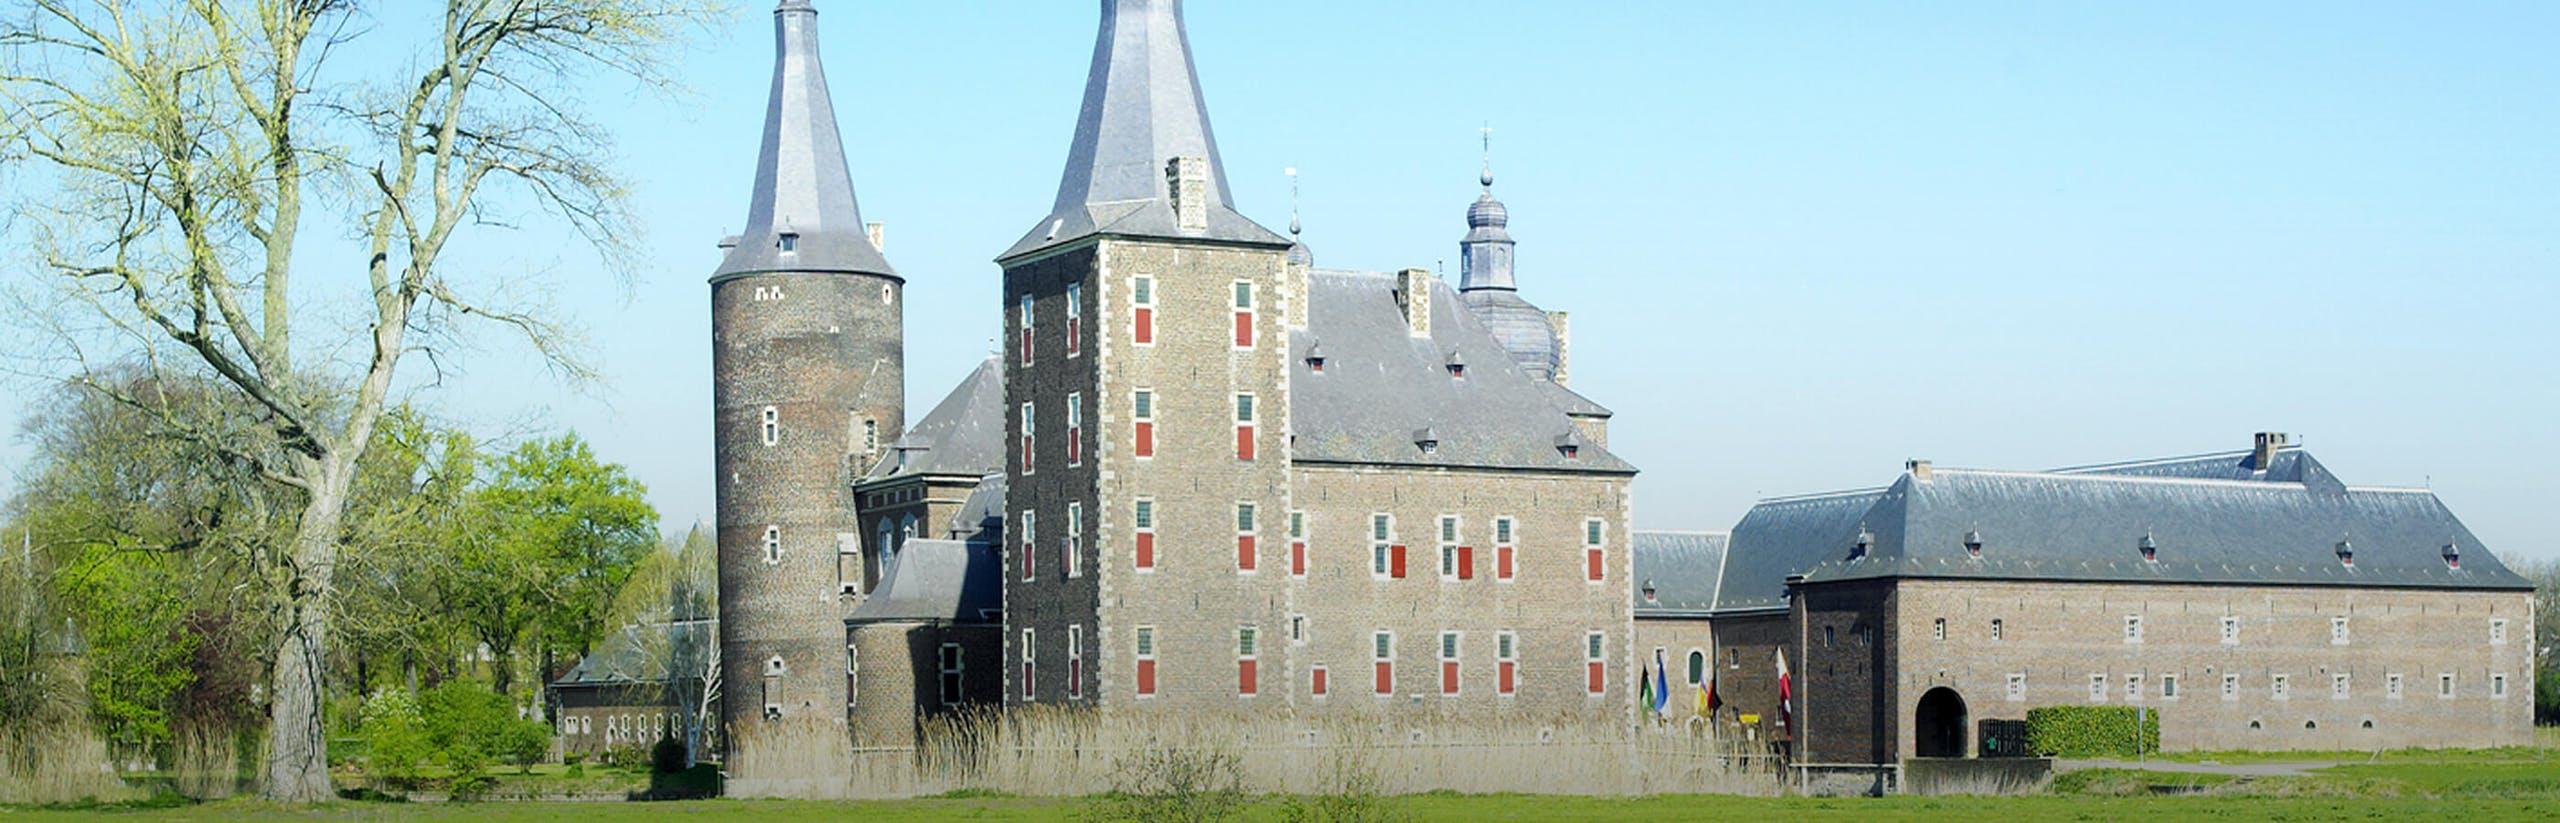 Gemeente Heerlen-foto